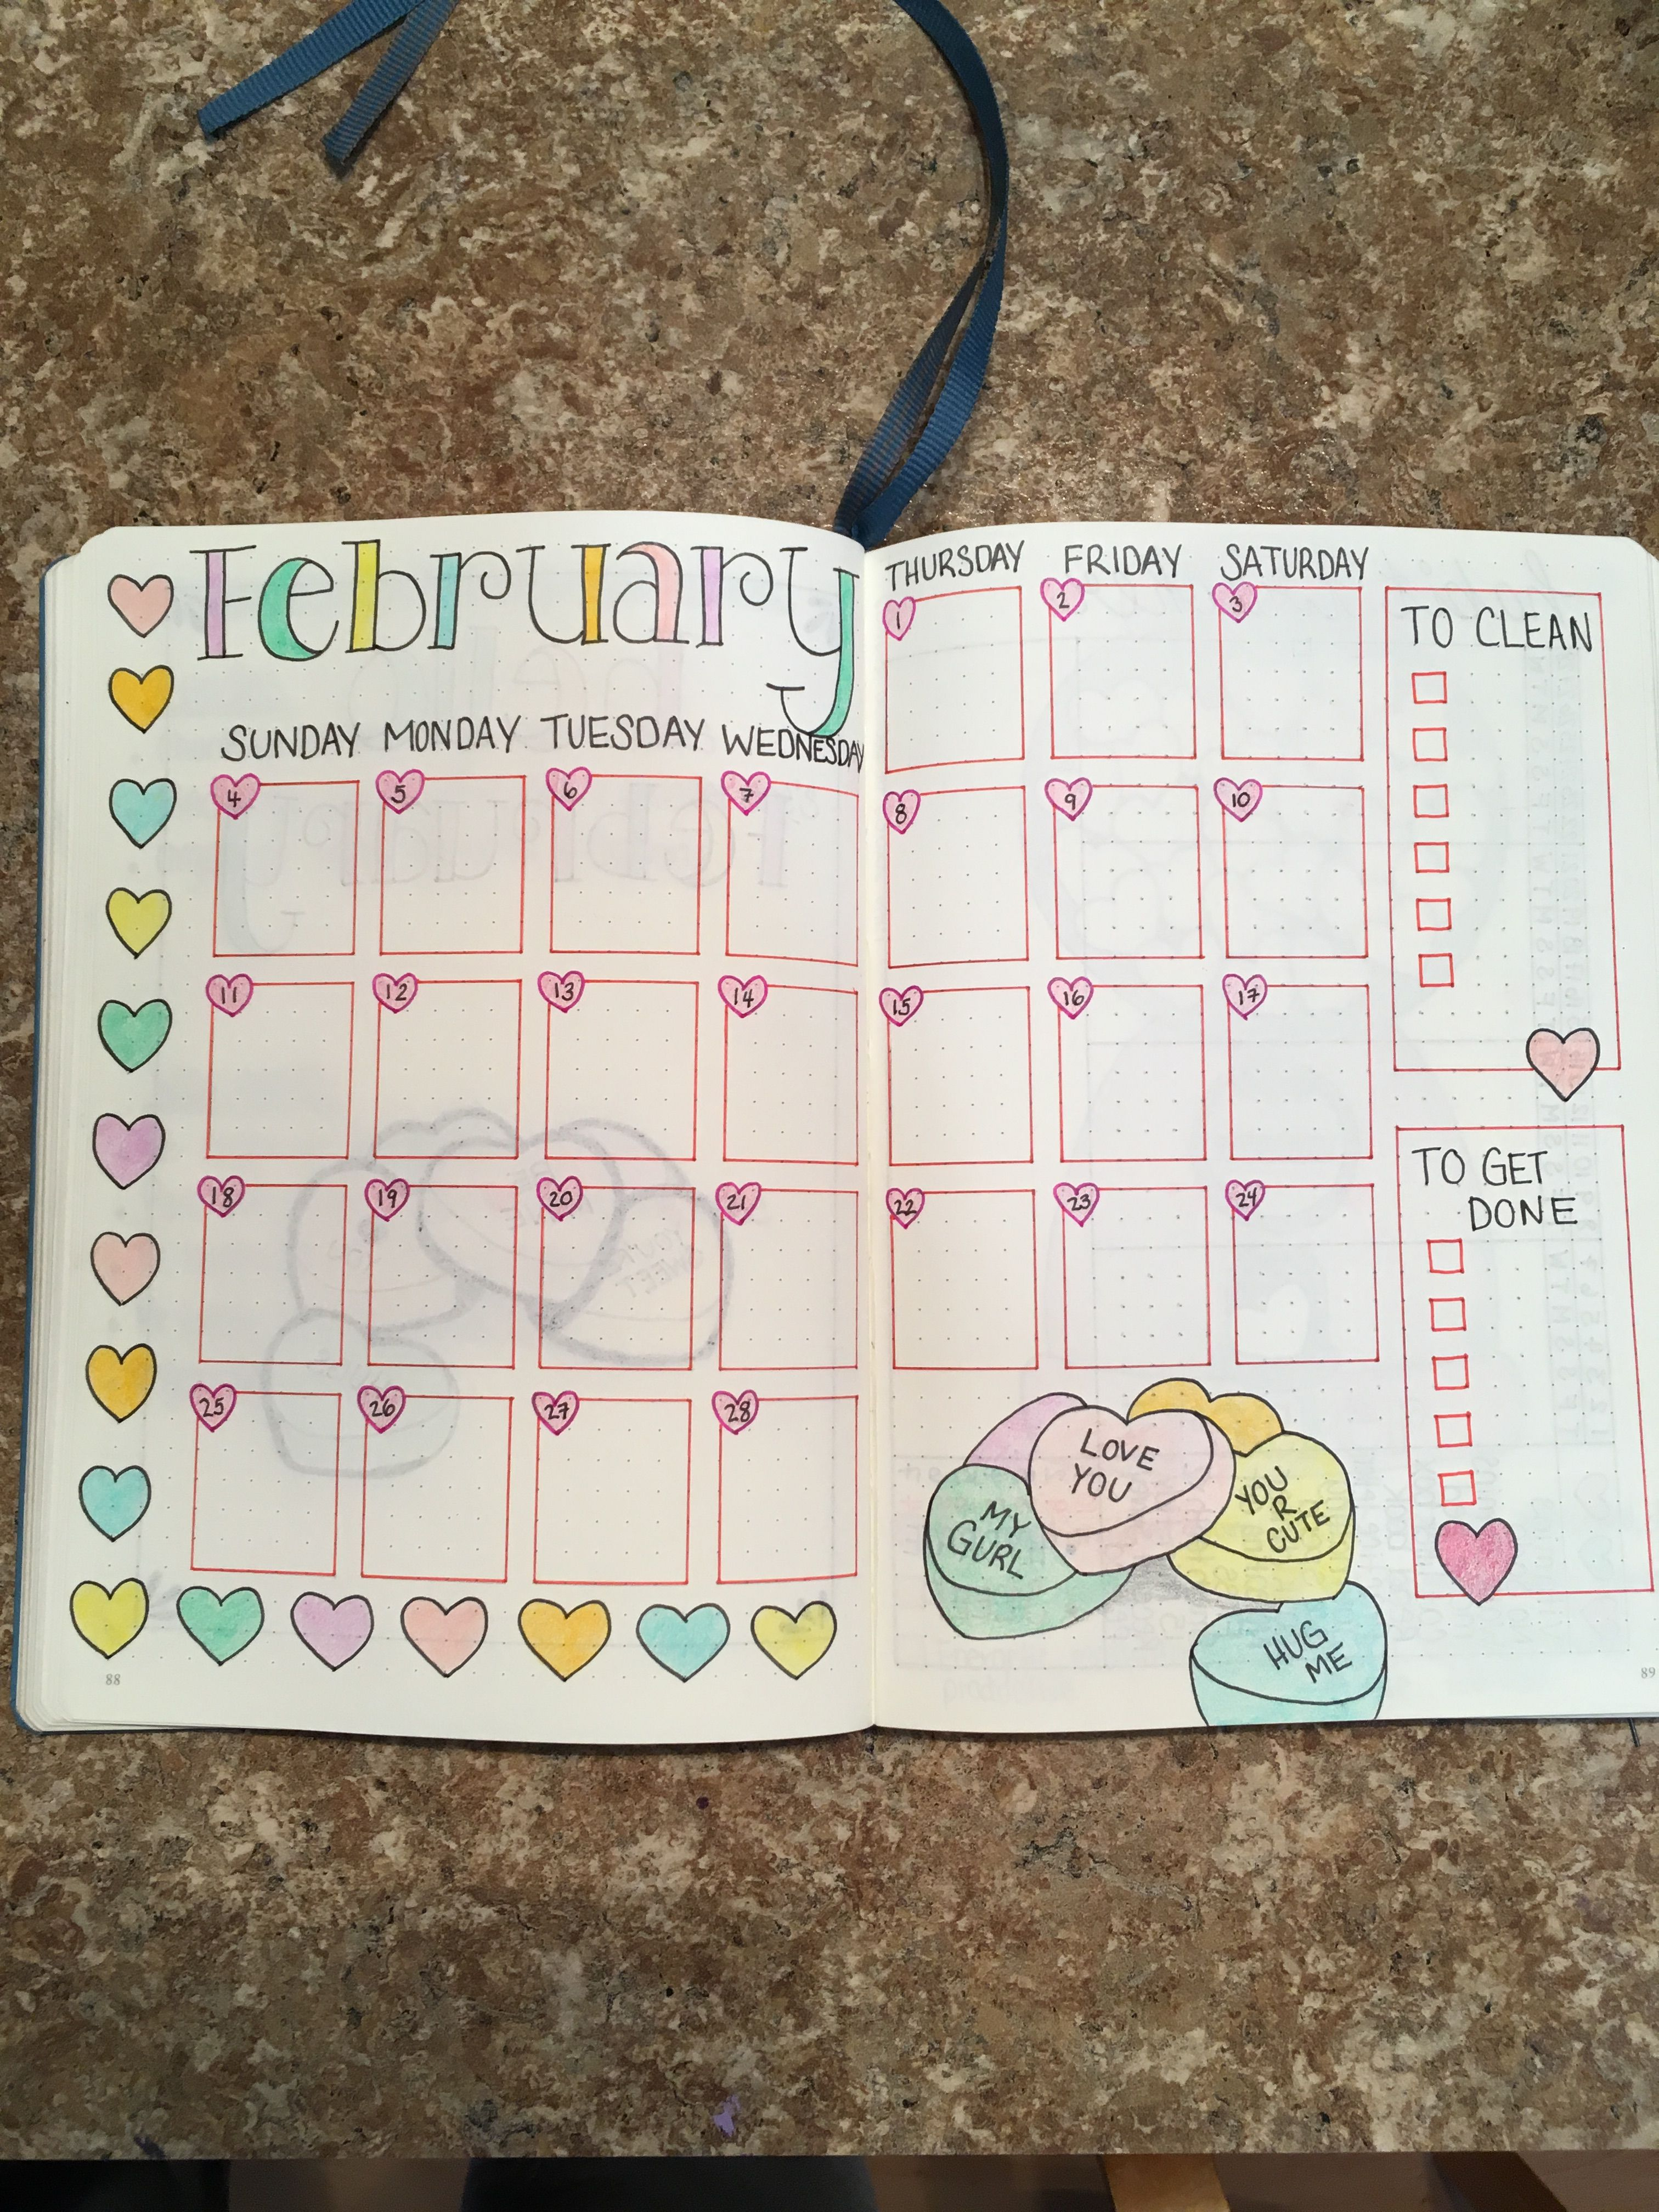 Feb Calendar February Bullet Journal Bullet Journal Inspiration